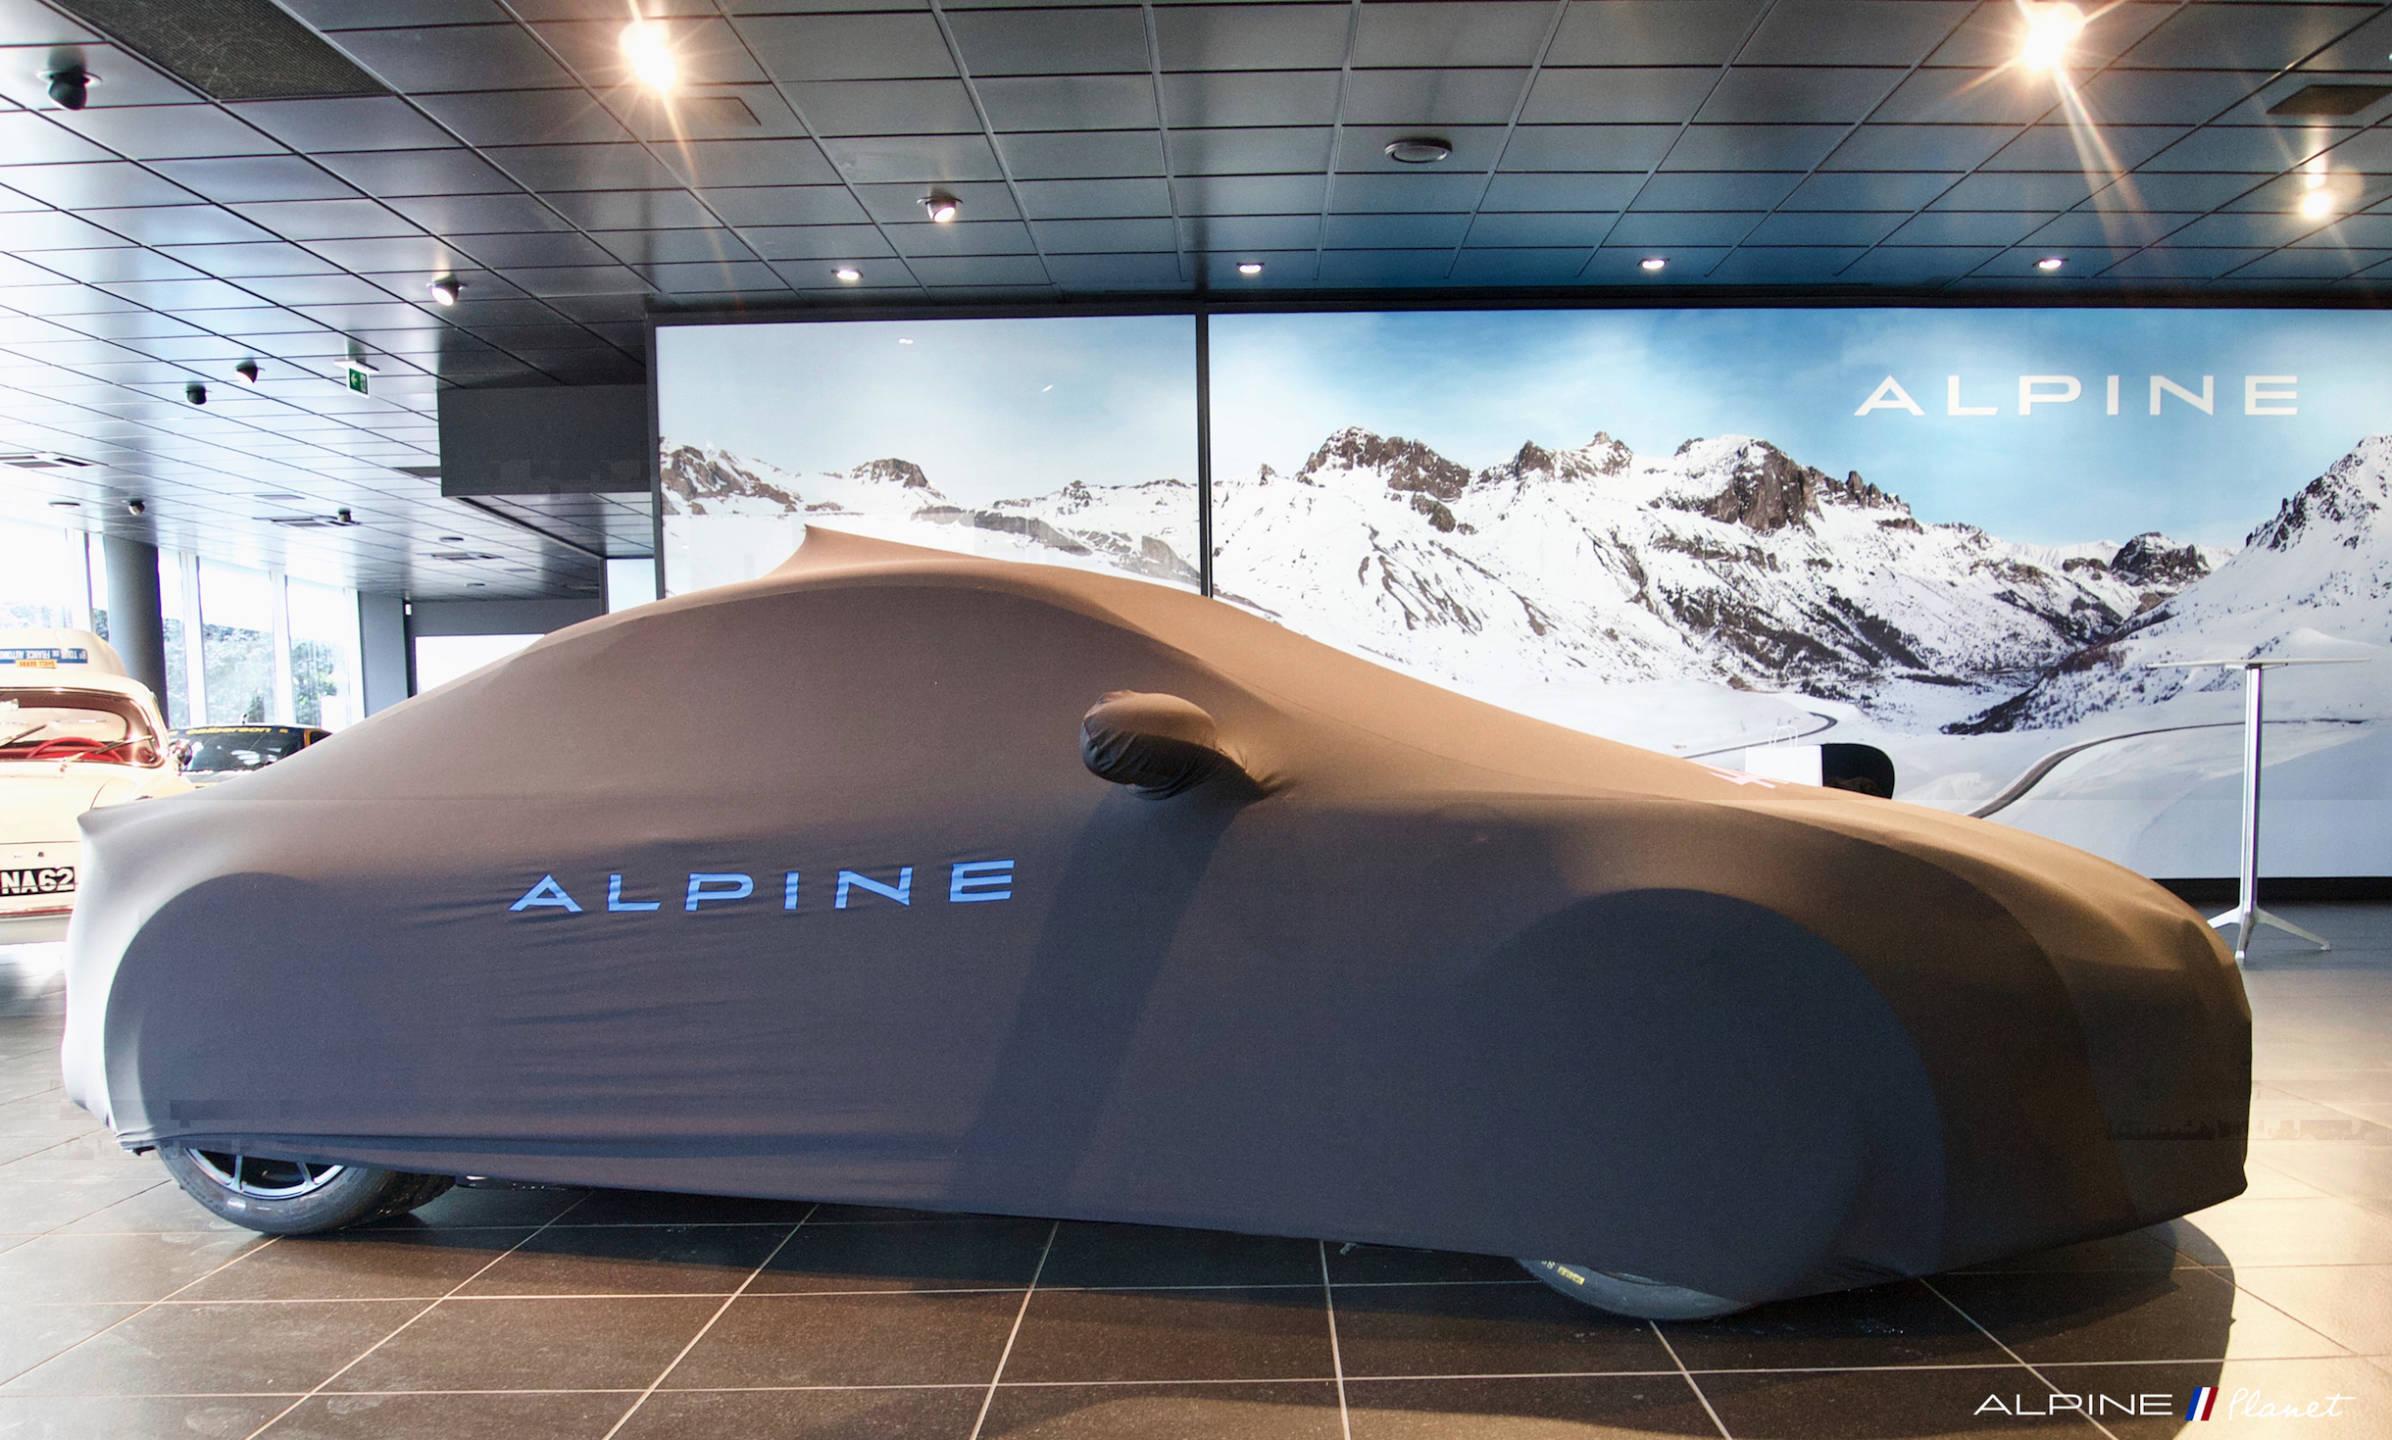 Alpine Planet A110 Cup Pierre Sancinena CMR Studio Boulogne RRG Fabien Cuvillier soirée 2   Présentation de l'Alpine A110 Cup de Pierre Sancinena